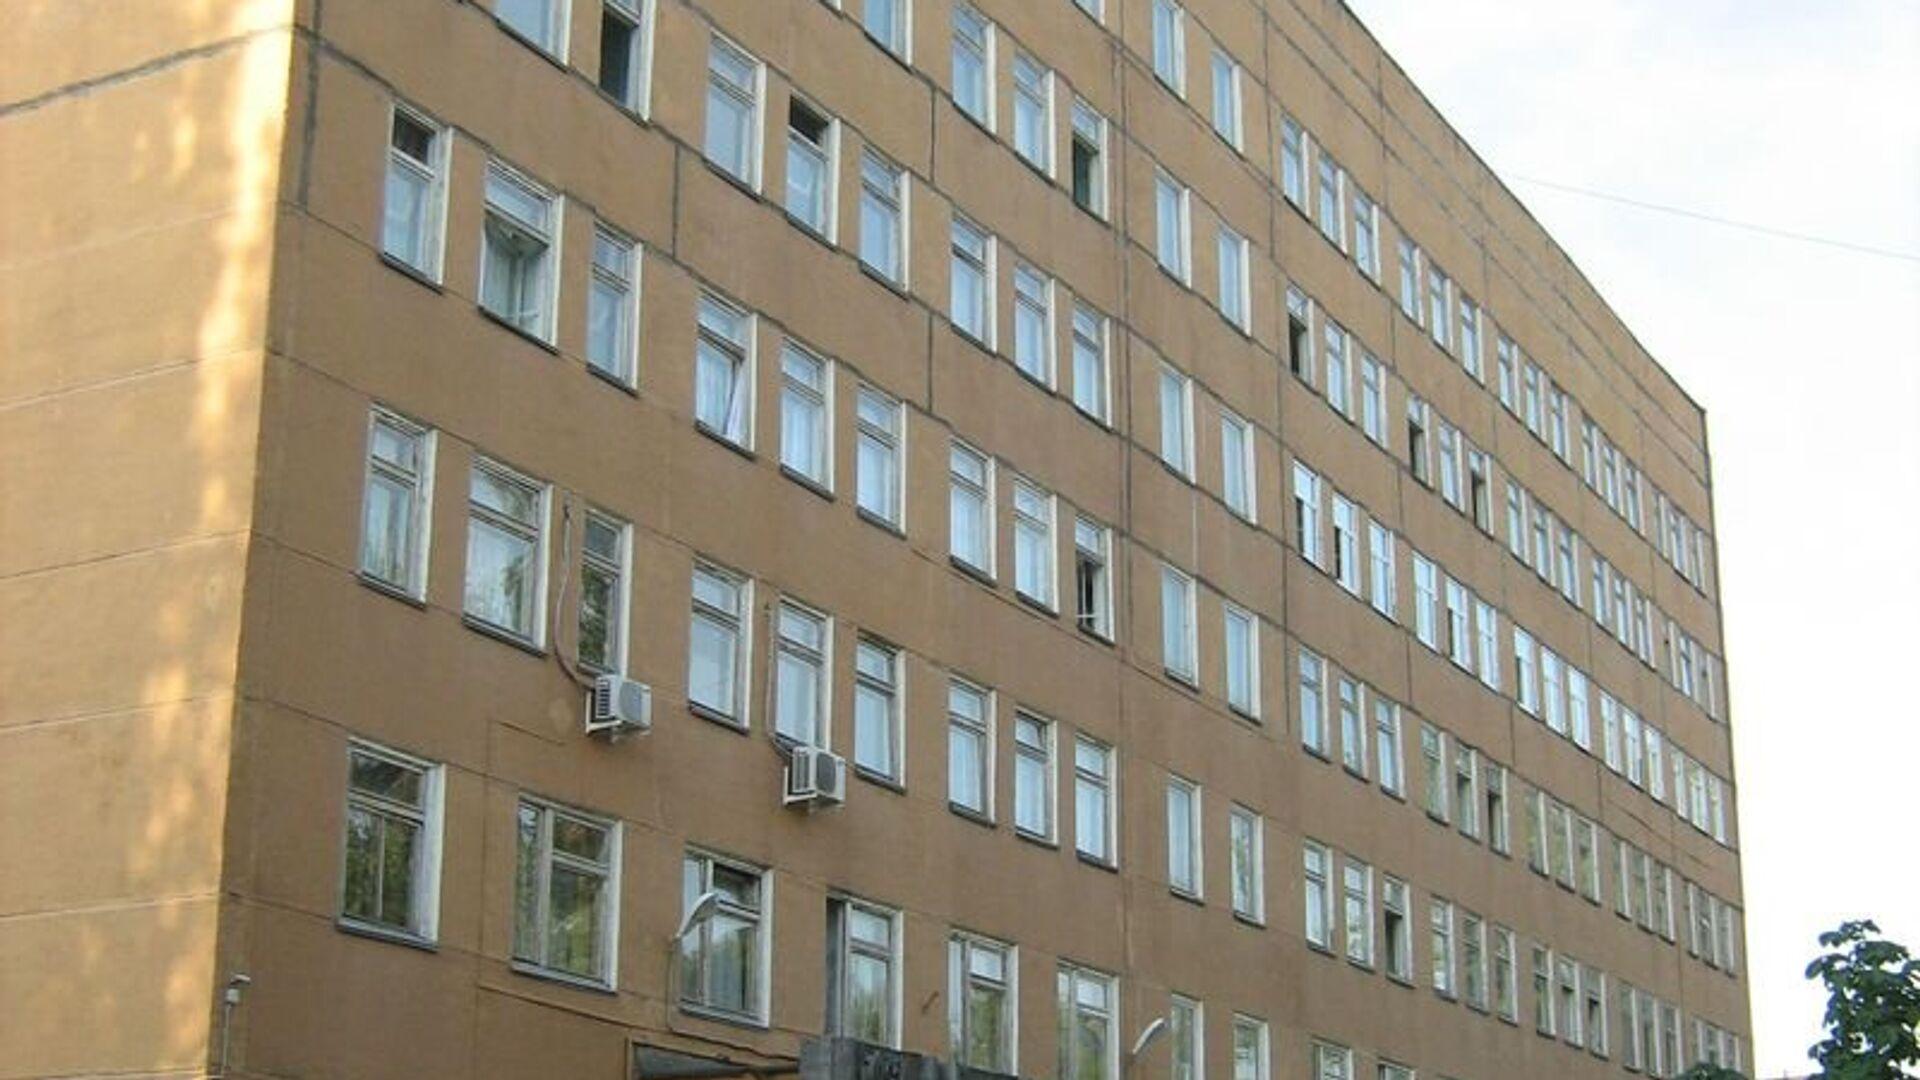 МУЗ Елецкая городская поликлиника №2 - РИА Новости, 1920, 02.11.2020